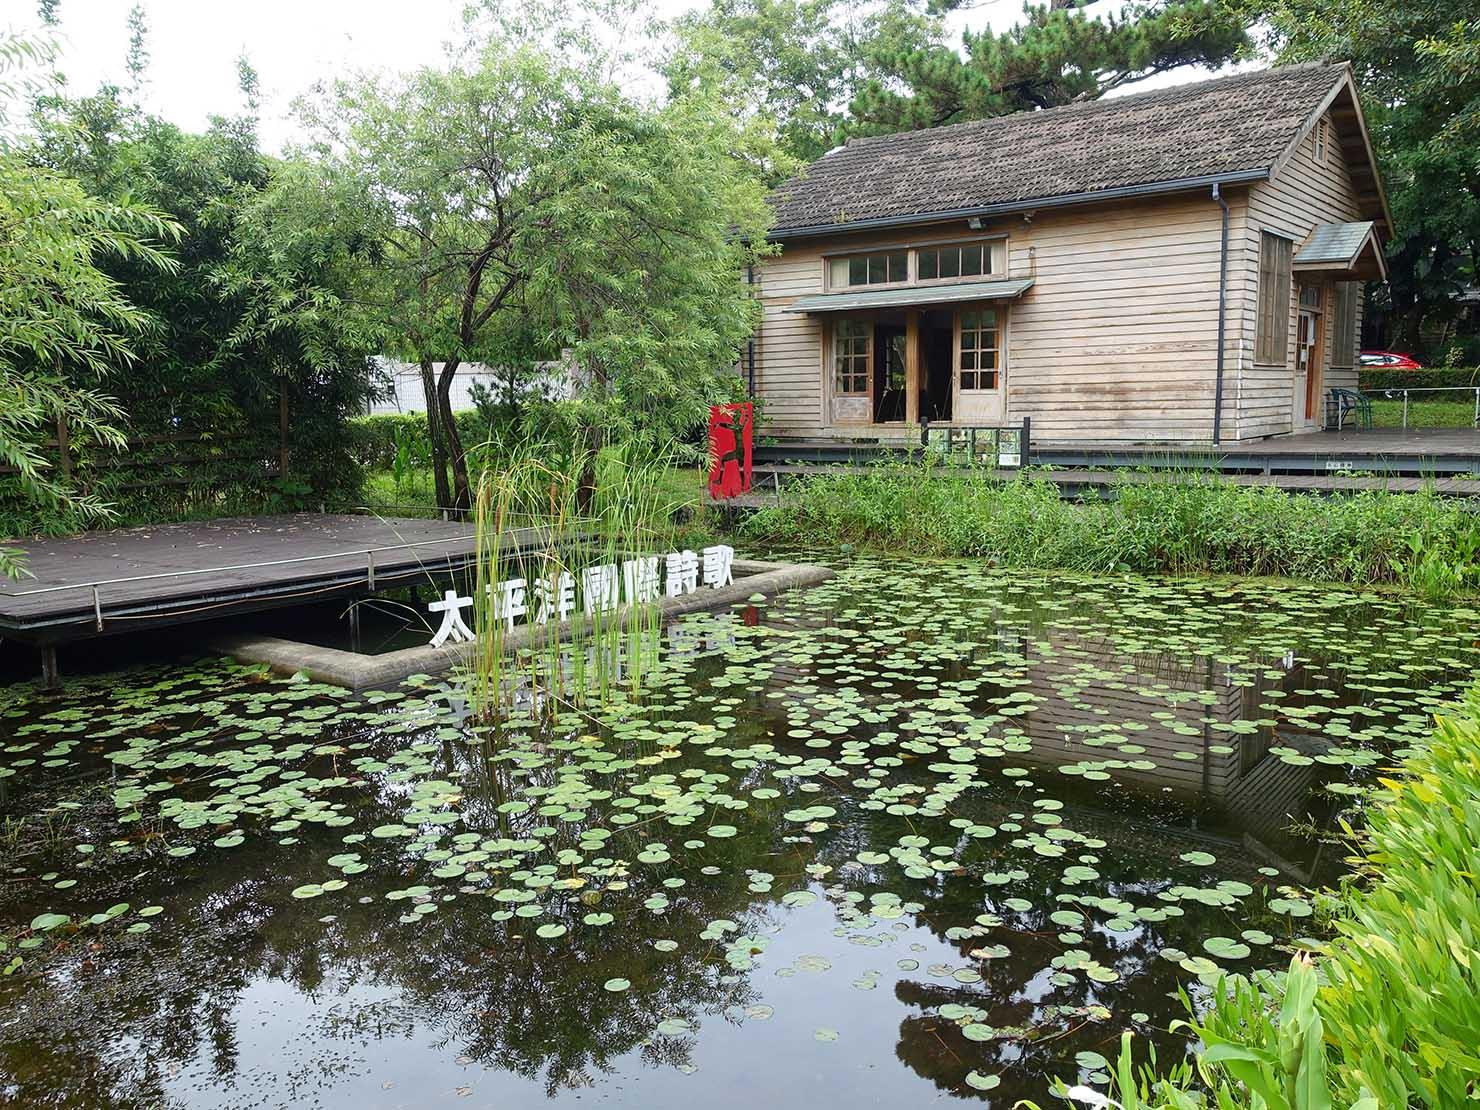 台湾・花蓮のおすすめ観光スポット「松園別館」の池